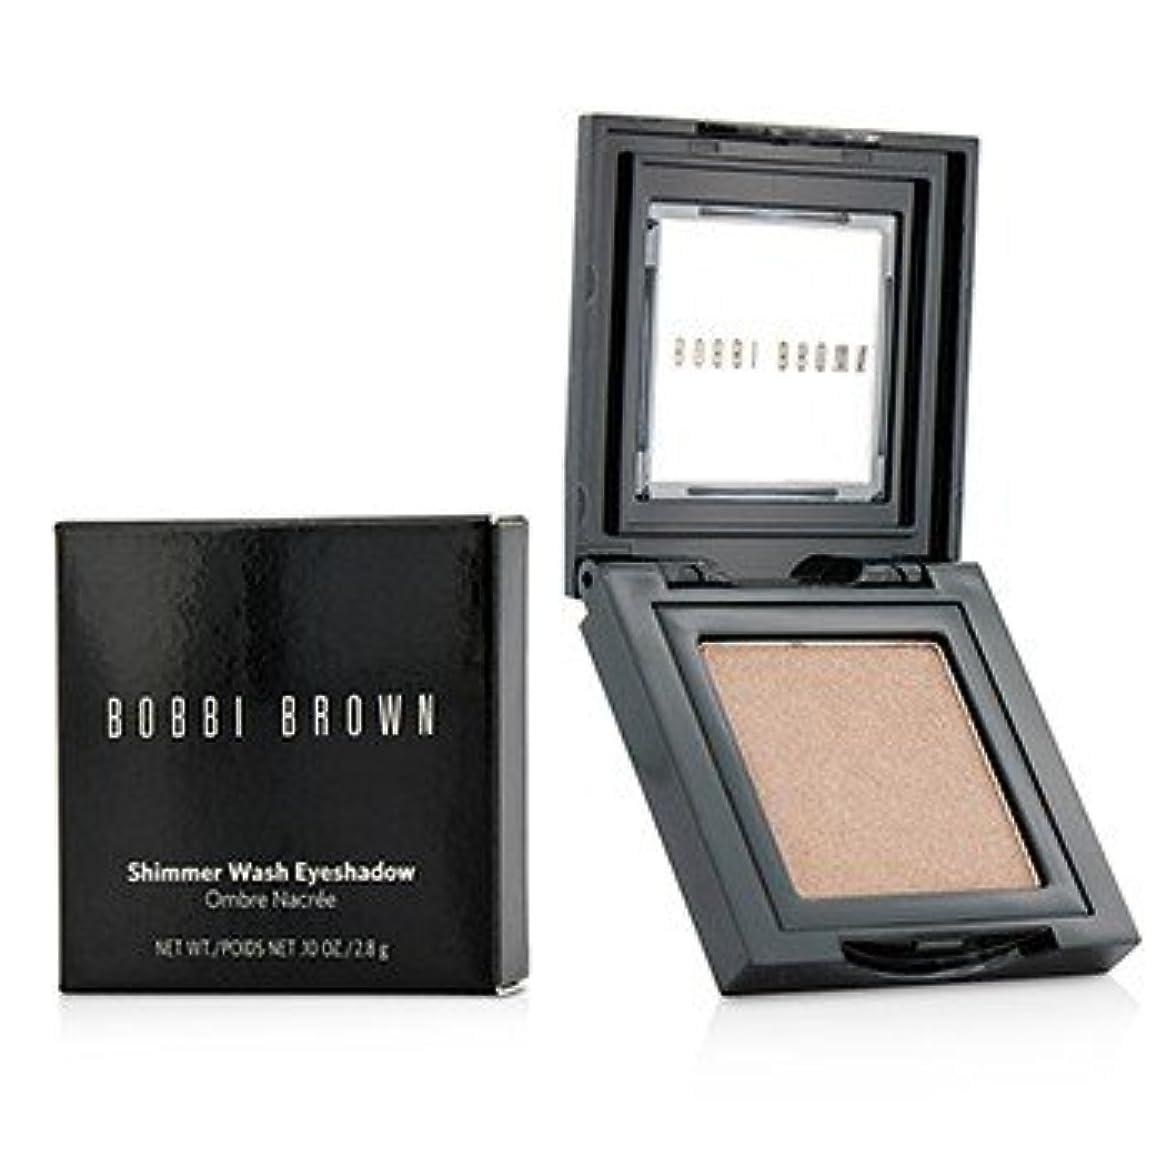 削るさまよう声を出して[Bobbi Brown] Shimmer Wash Eye Shadow - # 6 Stone 2.8g/0.1oz